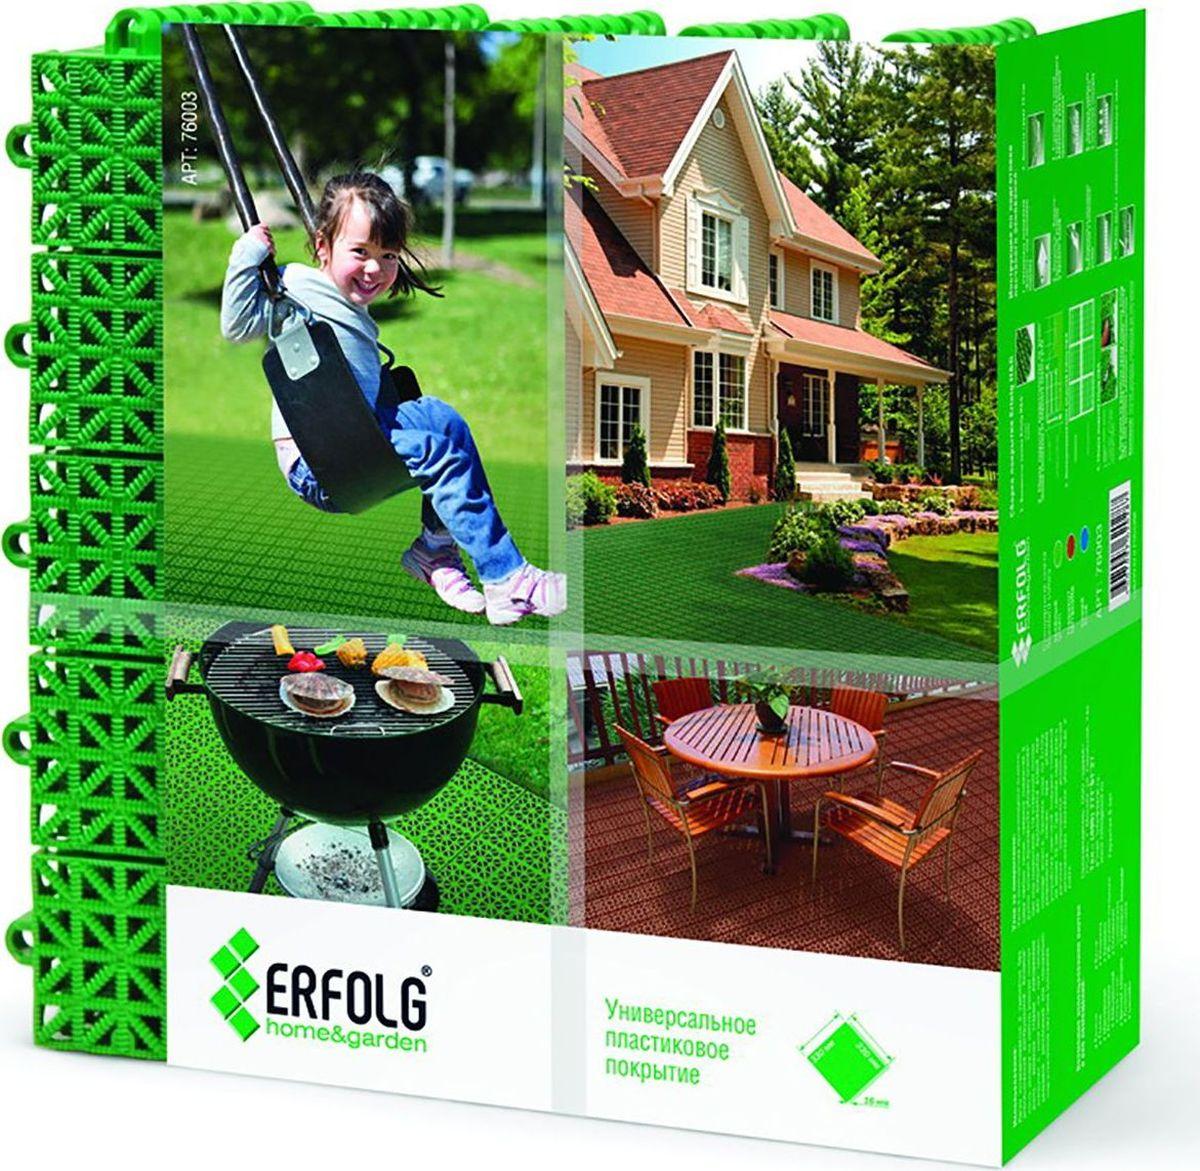 Настил садовый Erfolg H&G, цвет: зеленый, 33 х 33 х см, 9 шт1499143Erfolg H&G - это пластиковое покрытие, отличающееся безопасностью, доступностью и универсальностью применения.Оно изготавливается из экологичного пластика, что обеспечивает долгую службу, износостойкость и отсутствие запаха. Такие настилы крайне просты при монтаже и не требуют профессиональных навыков и инструментов для их укладки.Покрытие Erfolg H&G эластичное и прочное, устойчиво к механическим, температурным и климатическим воздействиям и нагрузкам. Его можно использовать как на улице, так и внутри помещений в силу высокой сопротивляемости бактериям и грибкам. Каждый модуль обладает эффектом подвижного замка и скосом, что позволяет выкладывать площадки любых размеров и не бояться деформации покрытия.Чистка производится с помощью пылесоса в помещении и шланга на открытой площадке.Использование:- покрытие для детских площадок; - для сада; - спортивных площадок и кортов; - дорожки, тропинки, экотропы, велодорожек; - оформление террасы, балконов, теплиц; - парковых зон и производственных зон; - основания катка. Сборка возможна даже в дождливую погоду. Готовность к эксплуатации сразу после монтажа. Отсутствие специальных требований по уходу в процессе эксплуатации. Защищает почву от вымывания и эрозии, сохраняет баланс экосистемы в зоне укладки. Диапазон рабочих температур: от -50°С до +60°С. Размер модуля: 33,3 х 33,3 х 16 см.